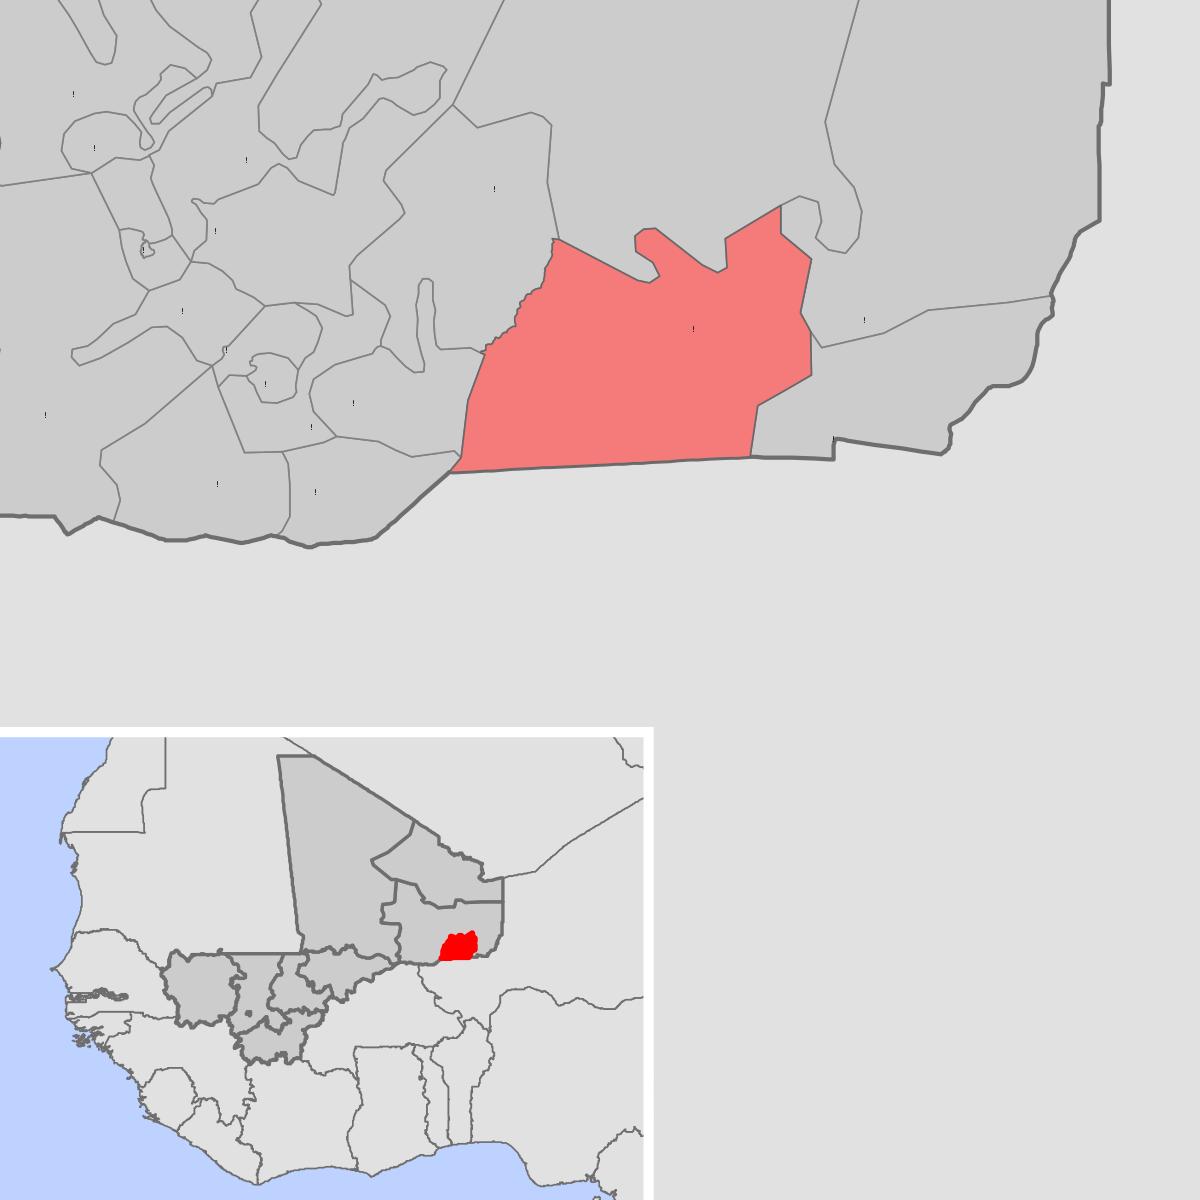 Mali – Alerte / Sécurité: 20 membres des FAMA interceptés par des inconnus armés, axeMénaka-Ansongo